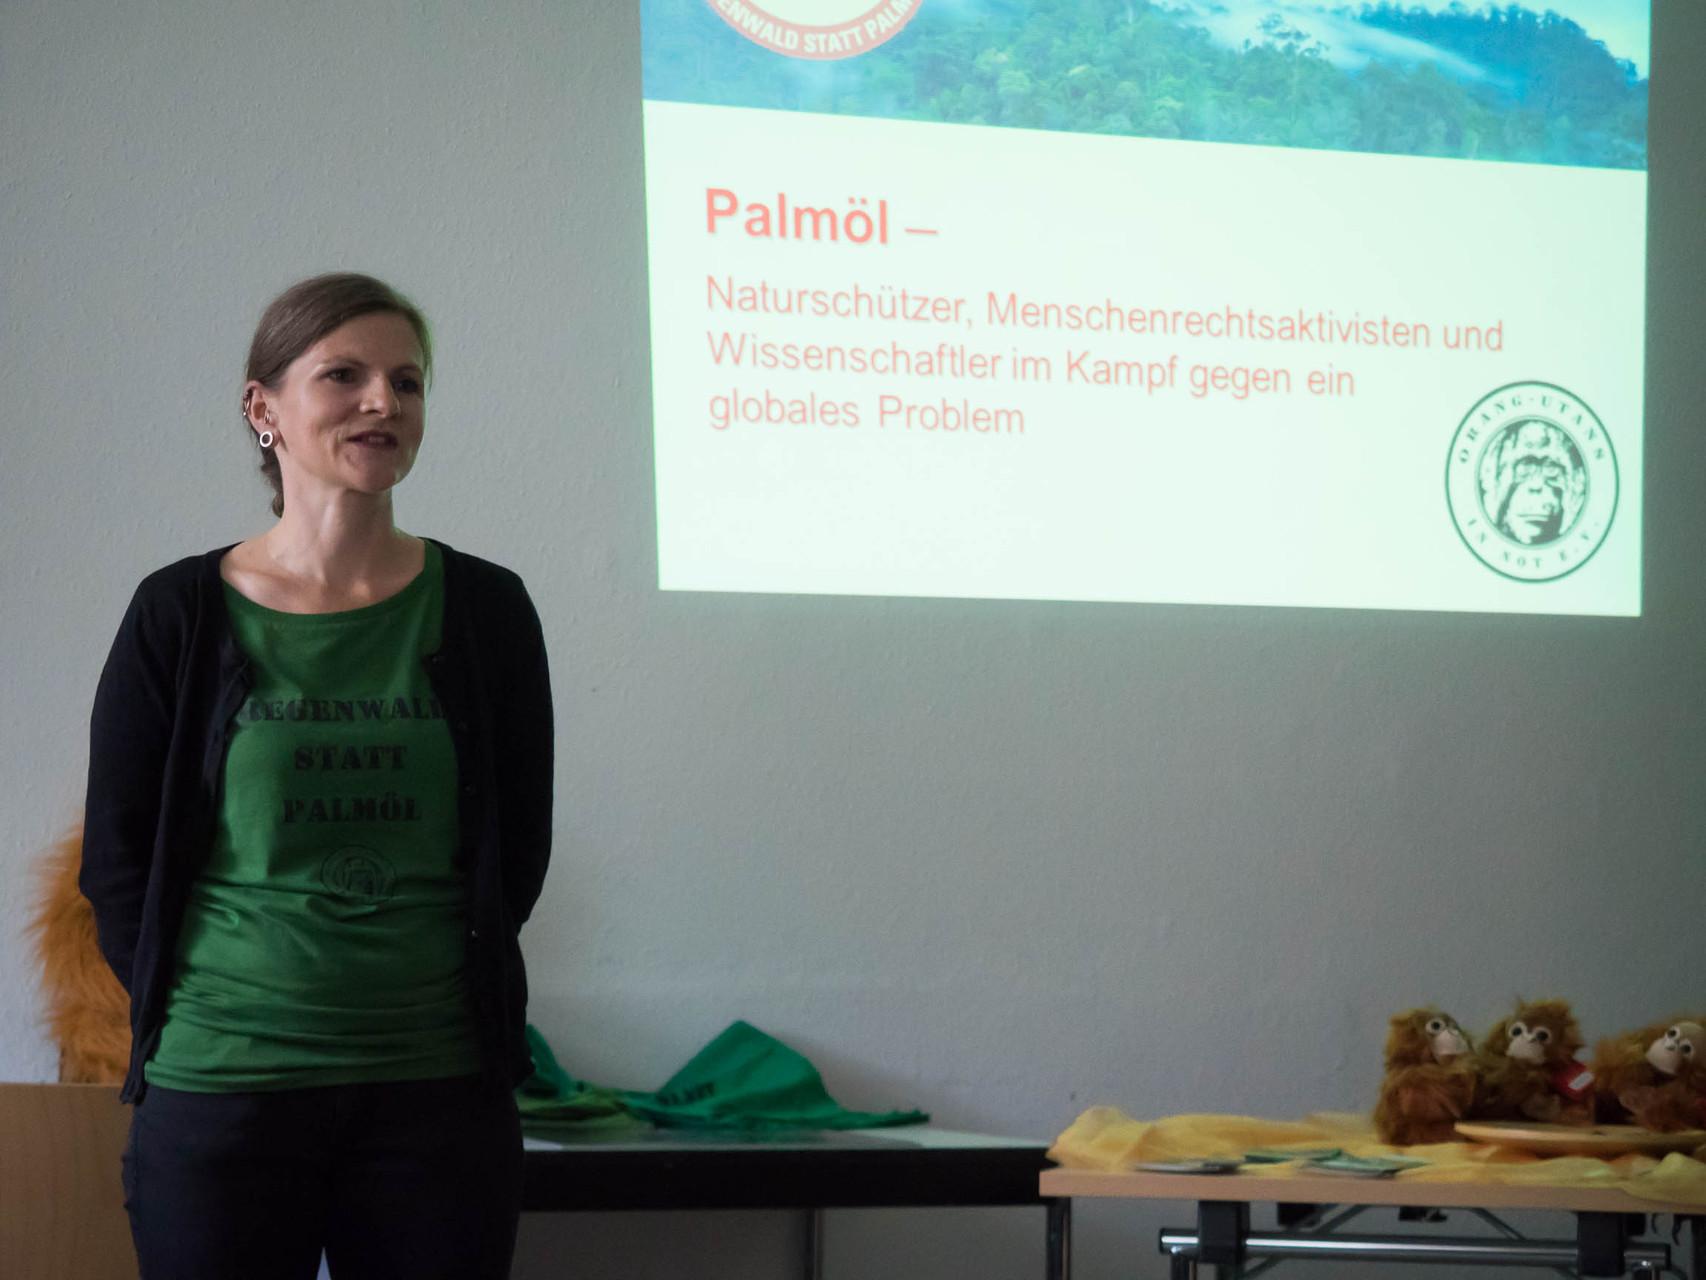 """Cindy Höll vom Verein """"Orang-Utans in Not"""" informierte über das globale Problem Palmöl..."""